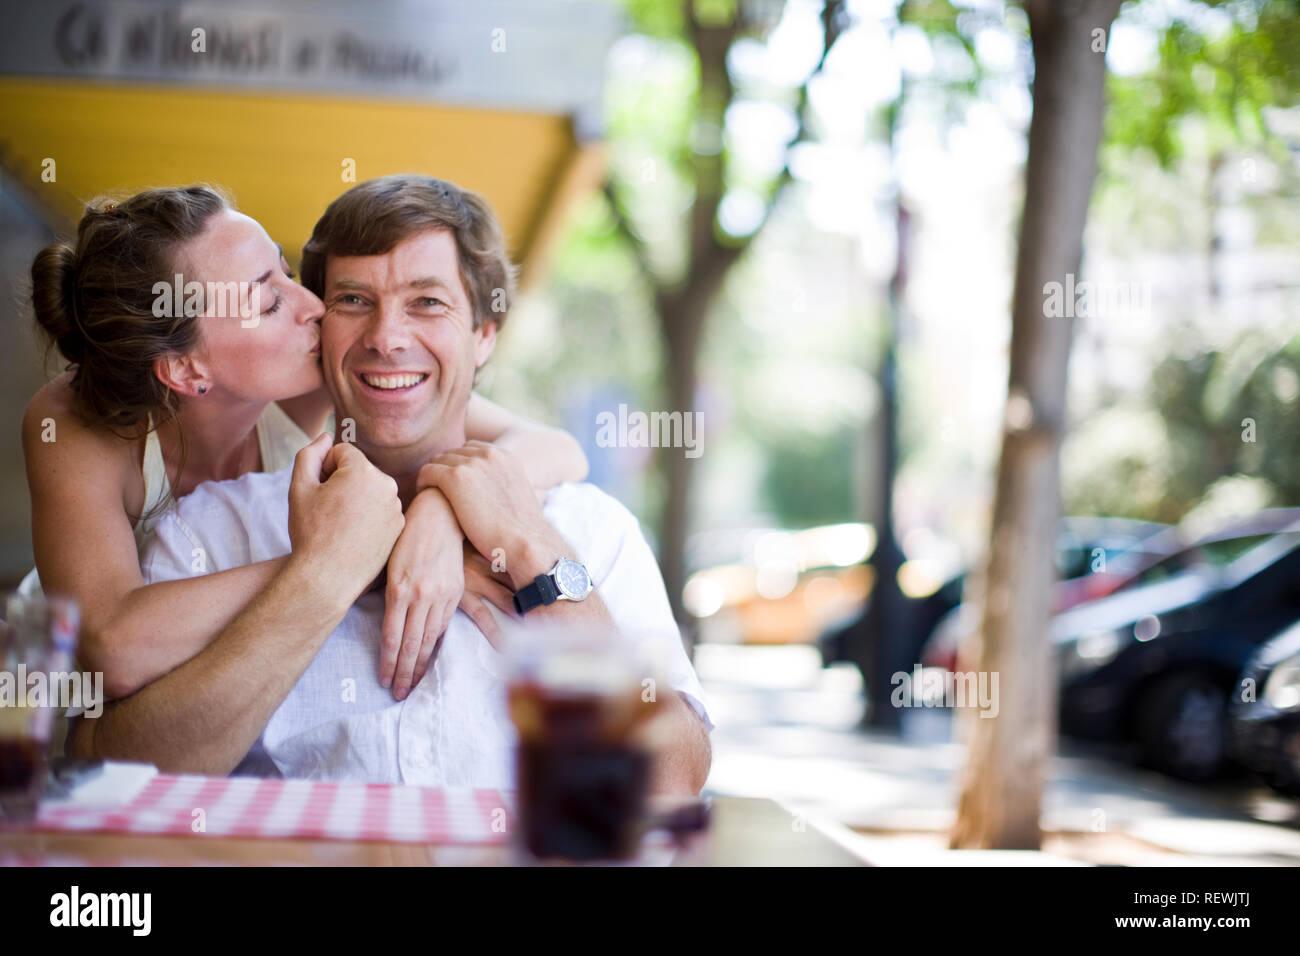 Küssen auf die Wange nicht datierenKostenlose Dating-Websites ukraine